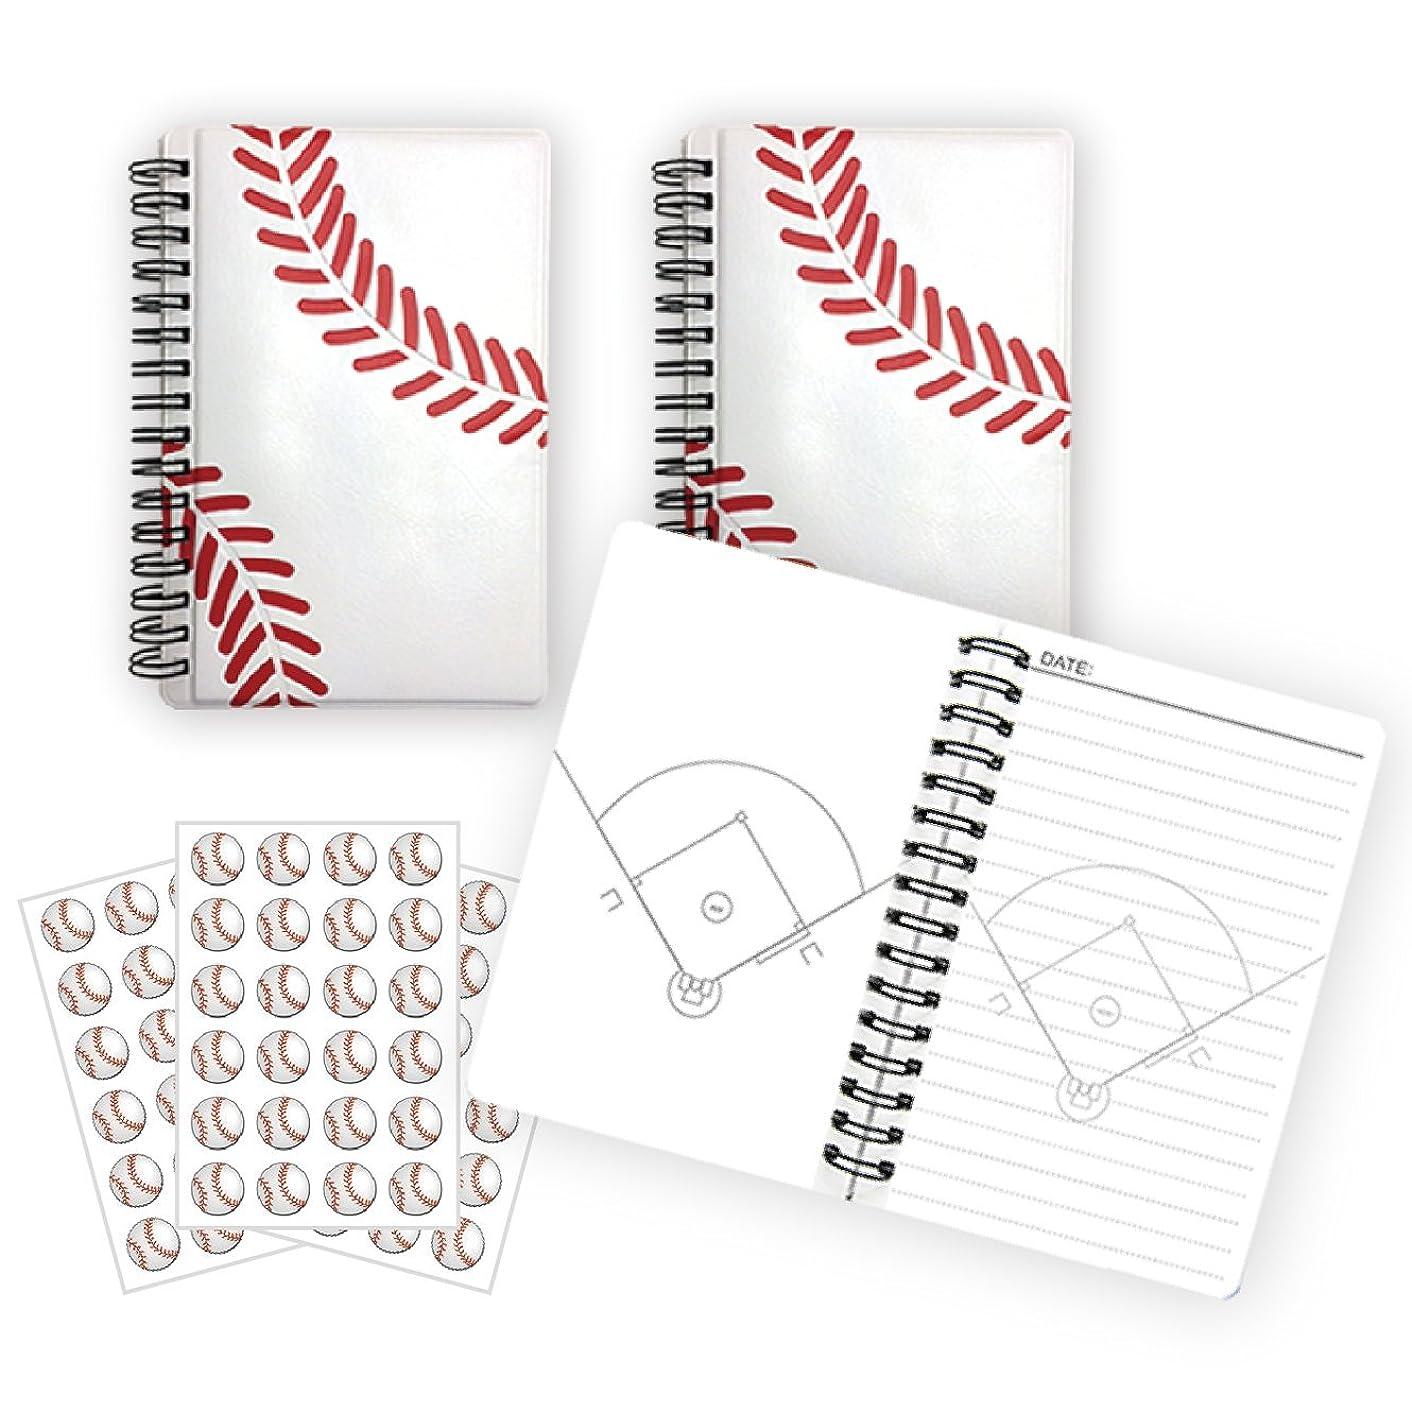 野球ノート(白ライン)【A6サイズ】作戦ノート3冊+シール3枚セット プライム